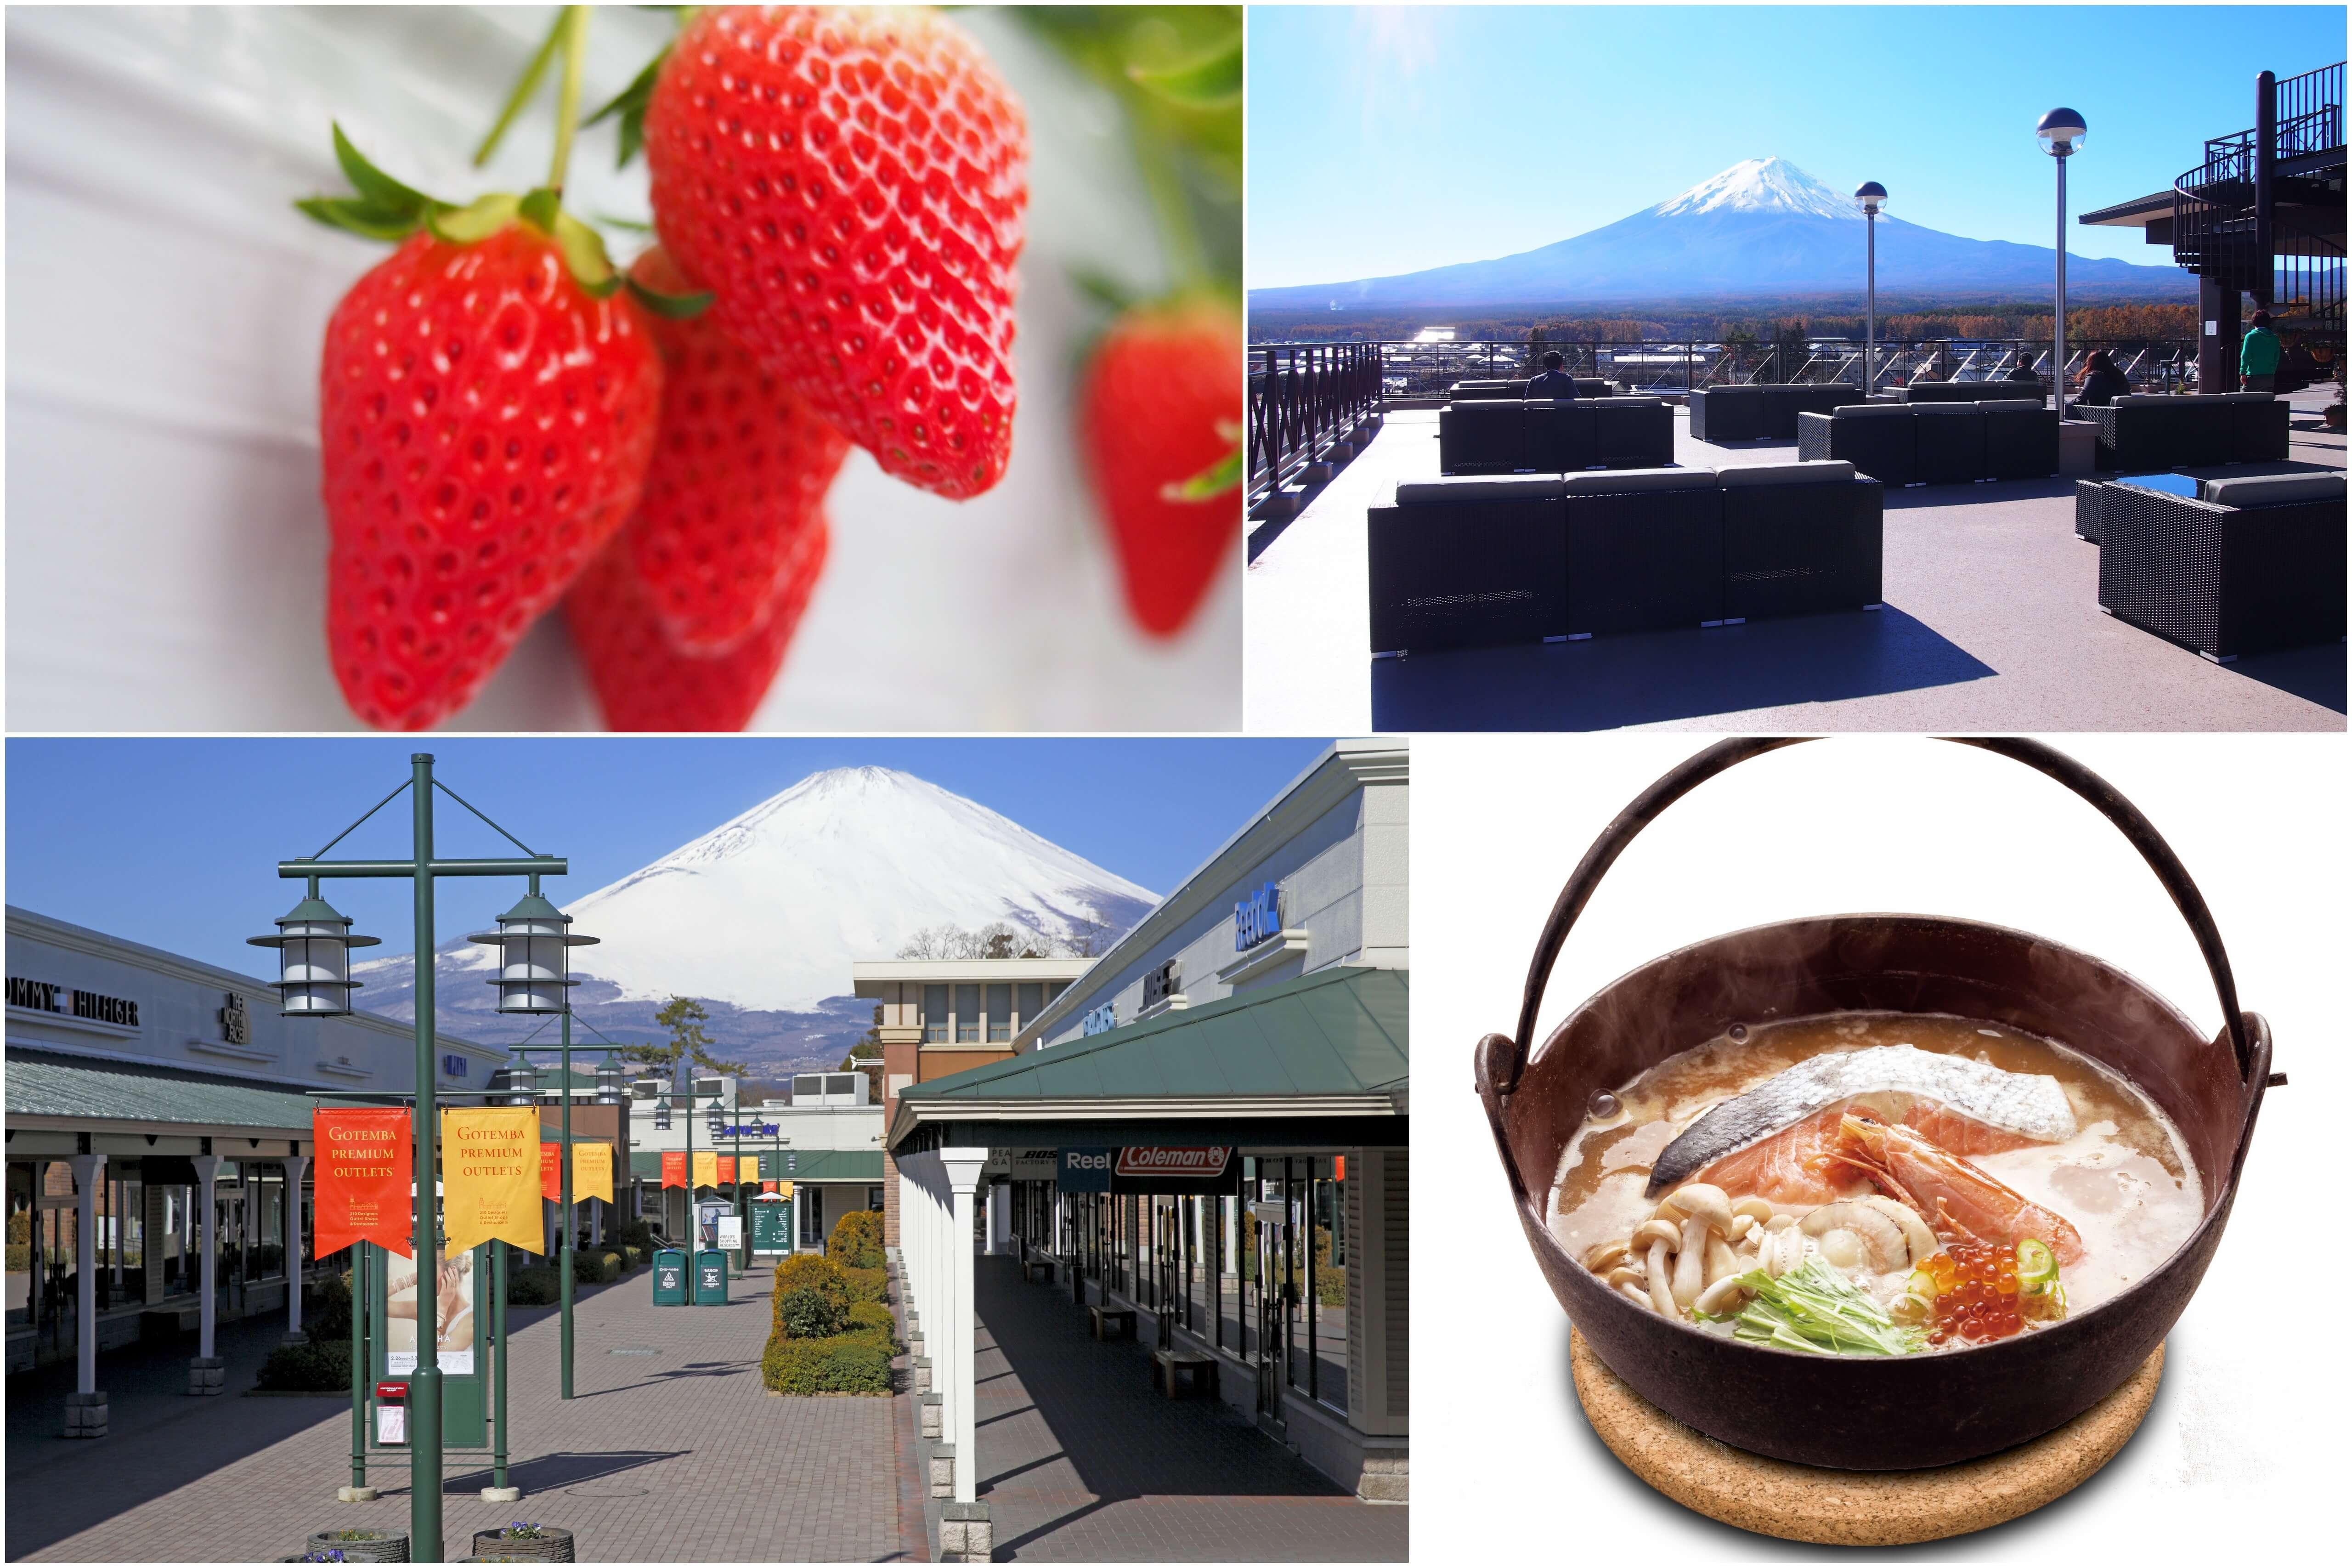 お得にフルーツ狩り! 旬のいちご狩り園内食べ放題&富士山麓の庭園散策と御殿場プレミアム・アウトレットでショッピング!<ご当地グルメ『ほうとう』ランチ付>